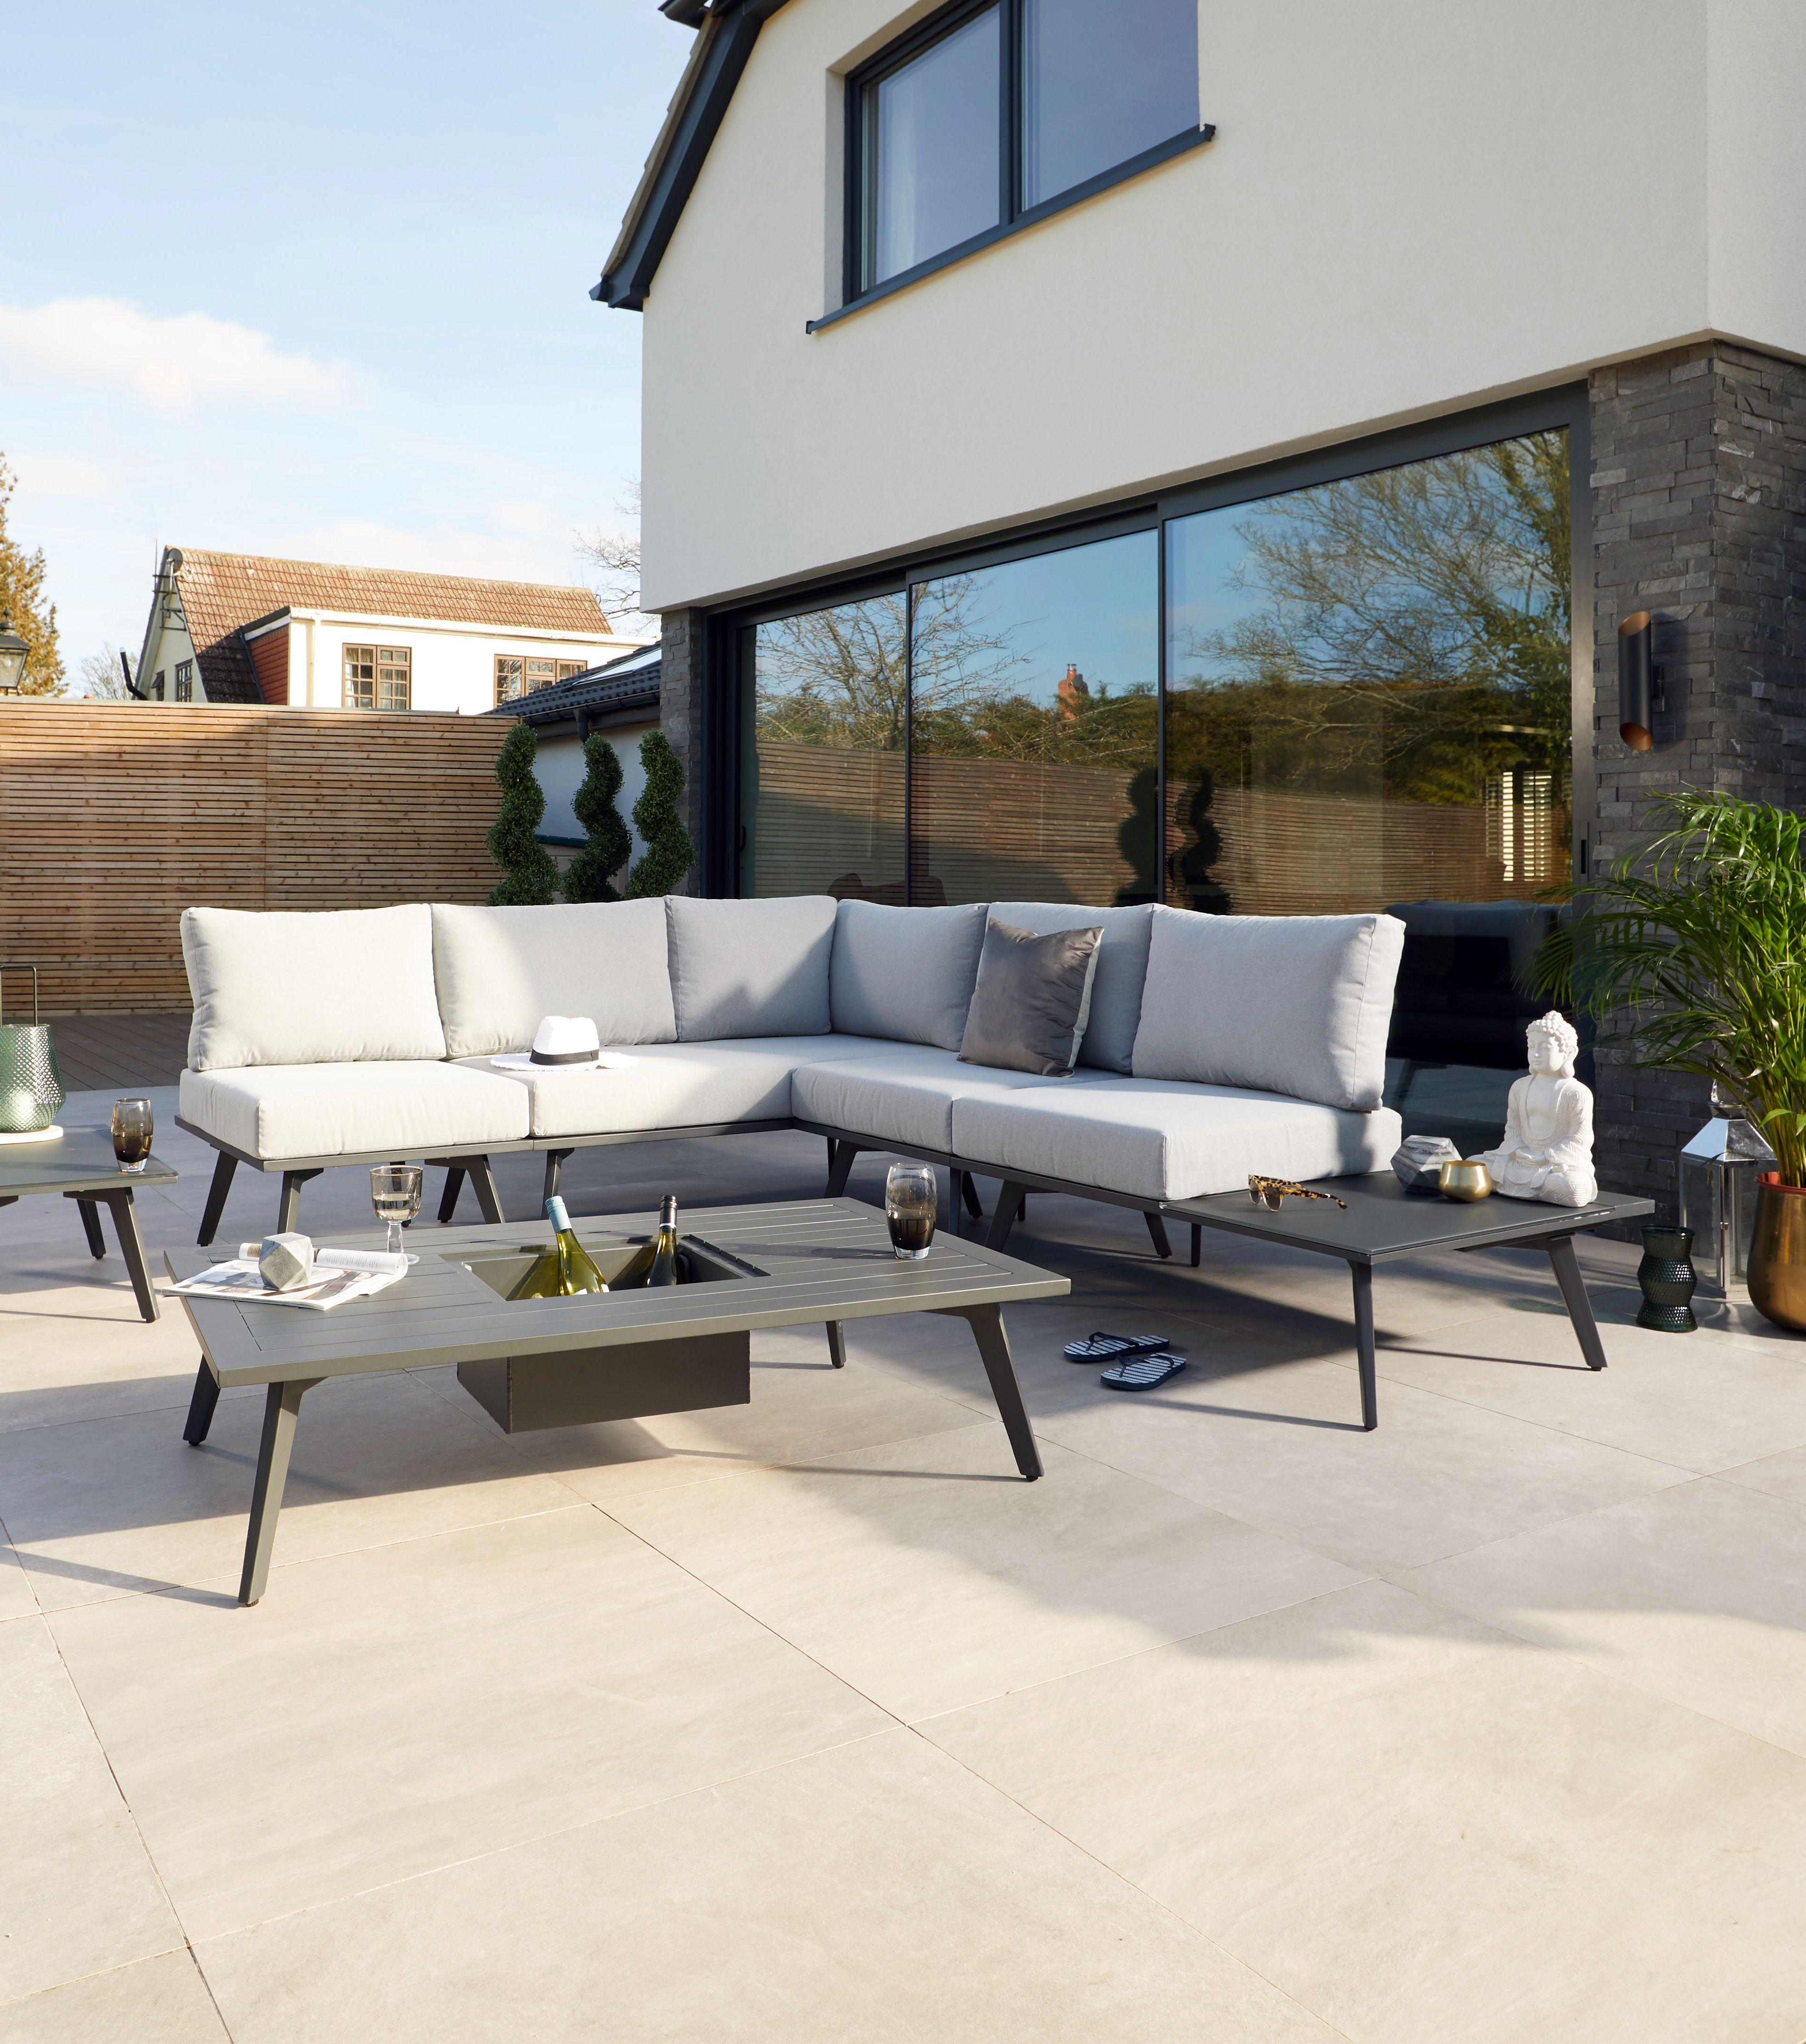 Update your modern garden with this sleek and contemporary modular garden sofa the bali modular range means you can create your own garden sofa